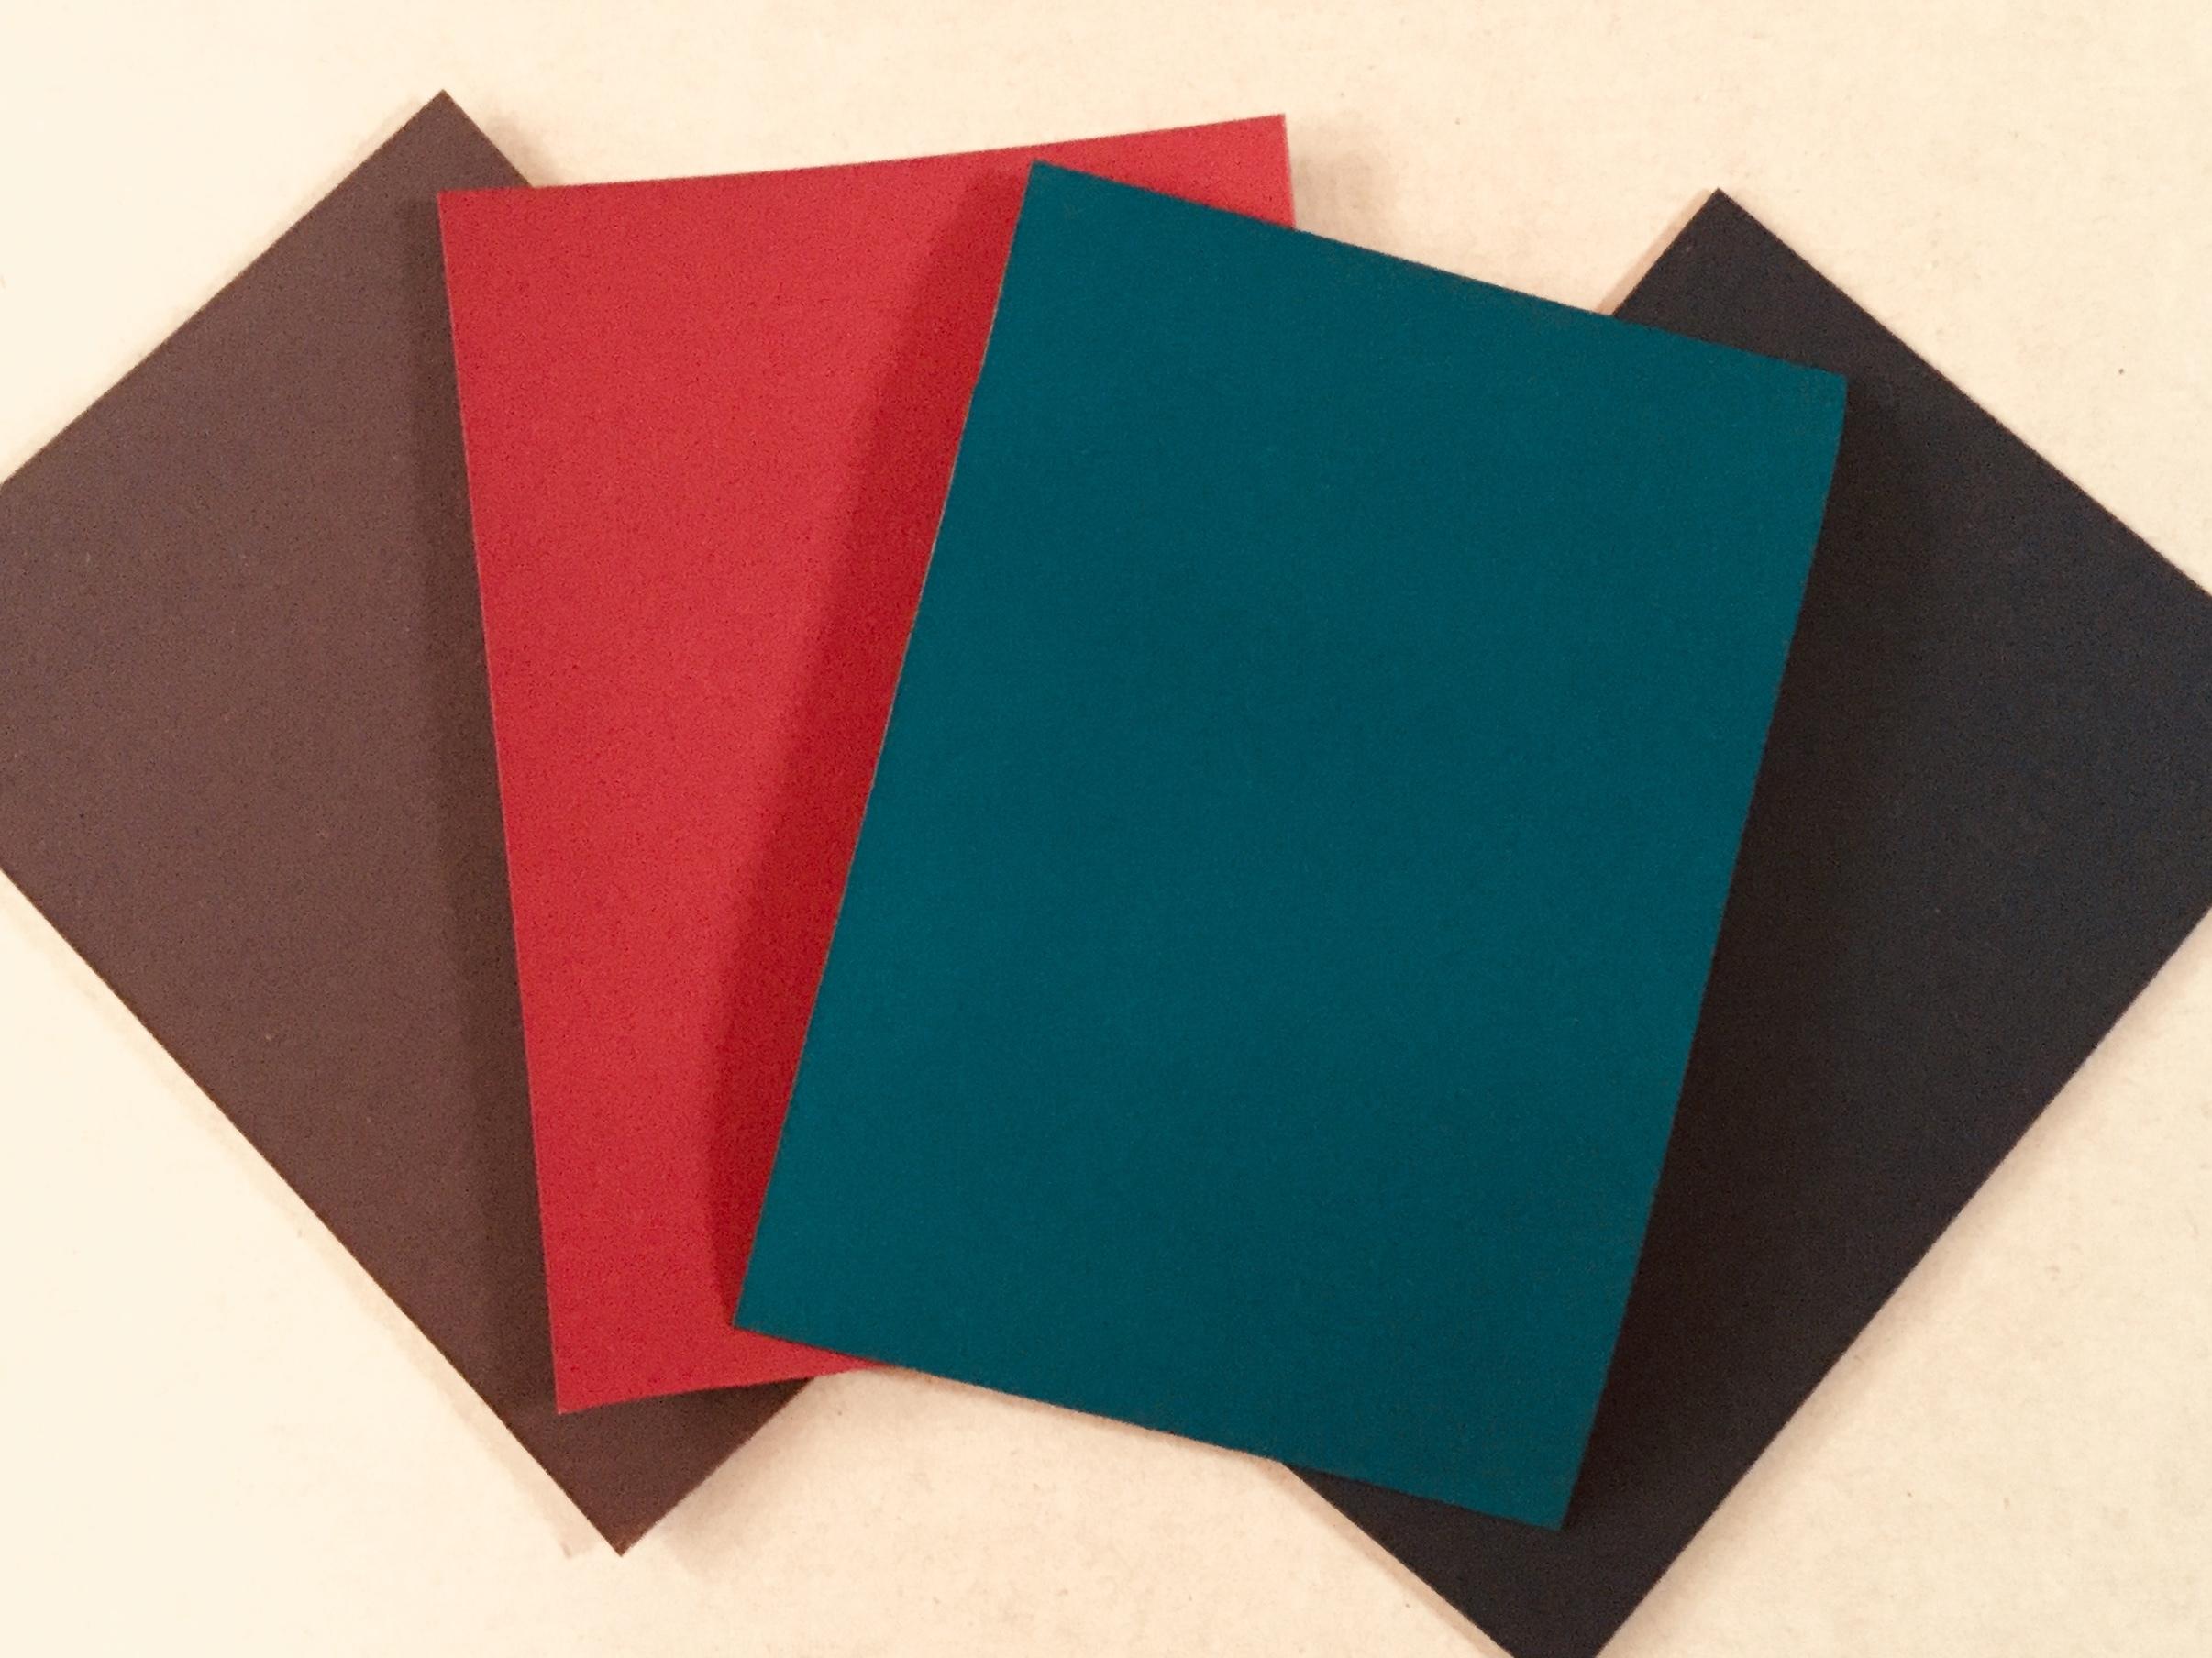 [送料込・割引クーポン付]チョークアート用ボード【4色】(紙ボード各1枚入り)